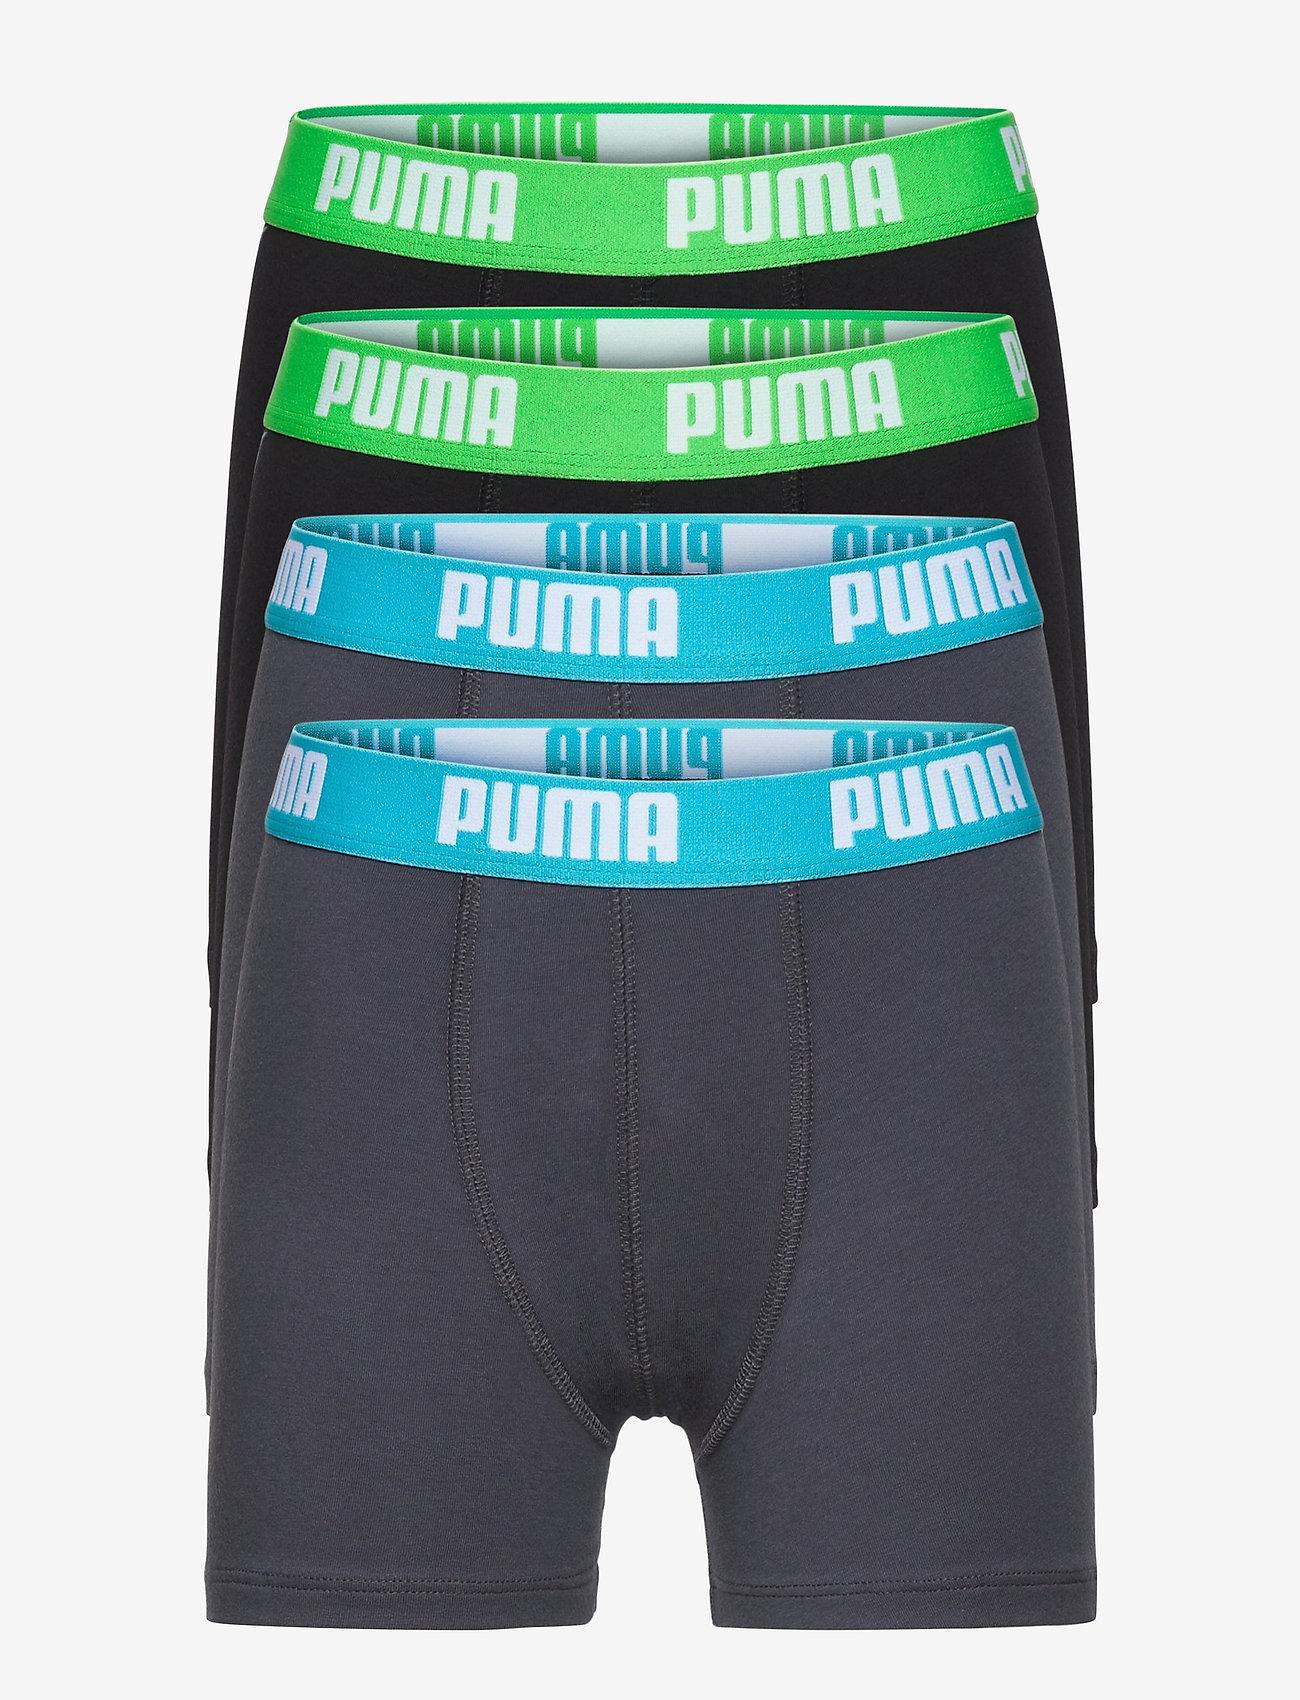 PUMA - PUMA BOYS BASIC BOXER 4P ECOM - india ink / turquoise - 0